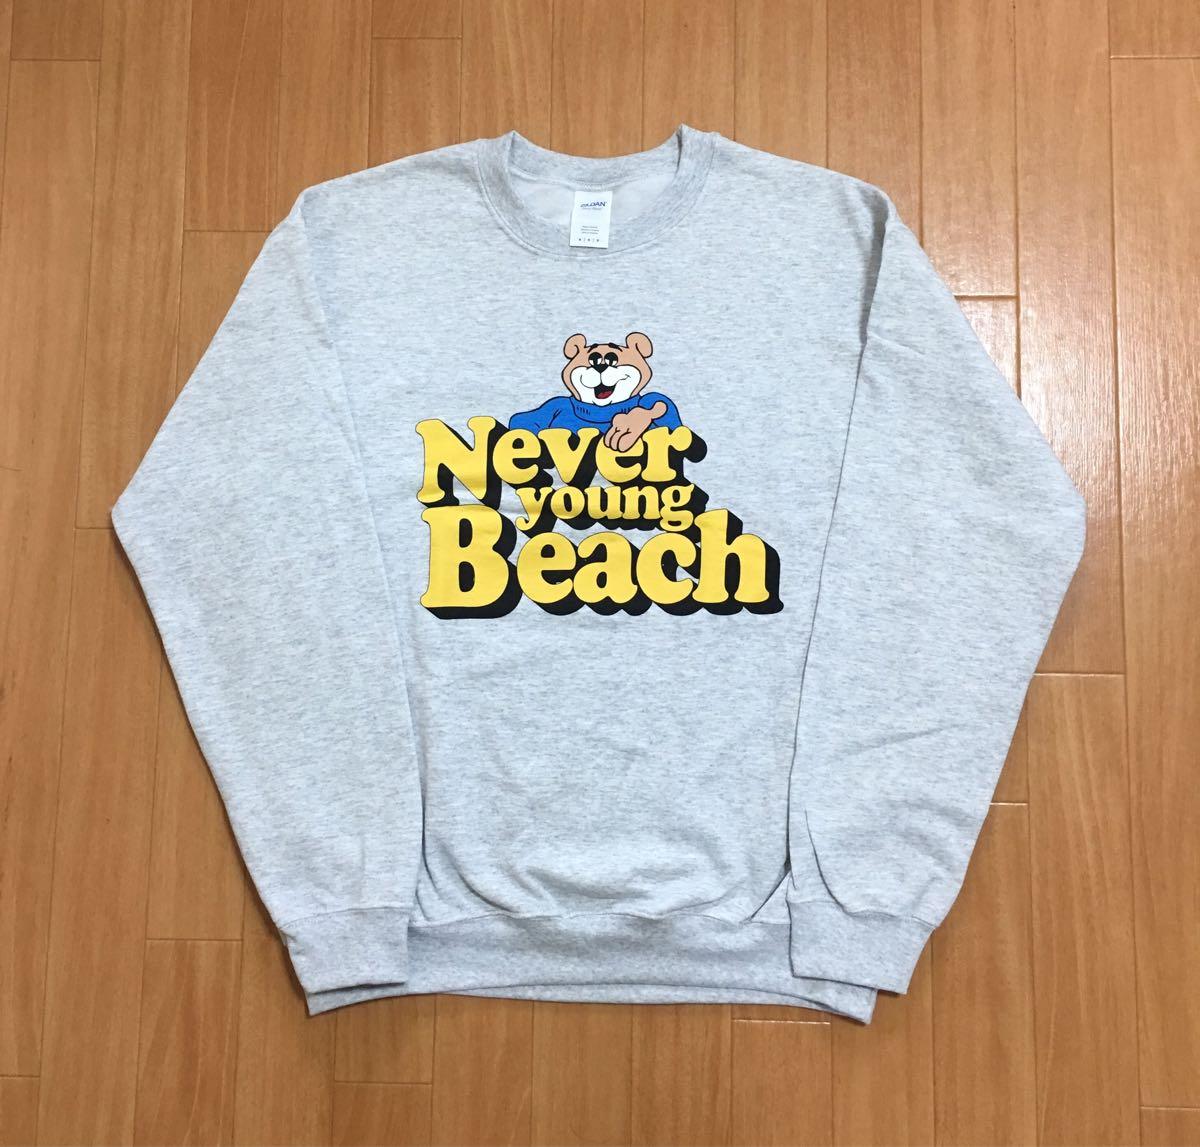 ネバーヤングビーチ never young beach スウェット トレーナー M ネバヤン サチモス suchmos ヨギーニューウェーブス yogee new waves